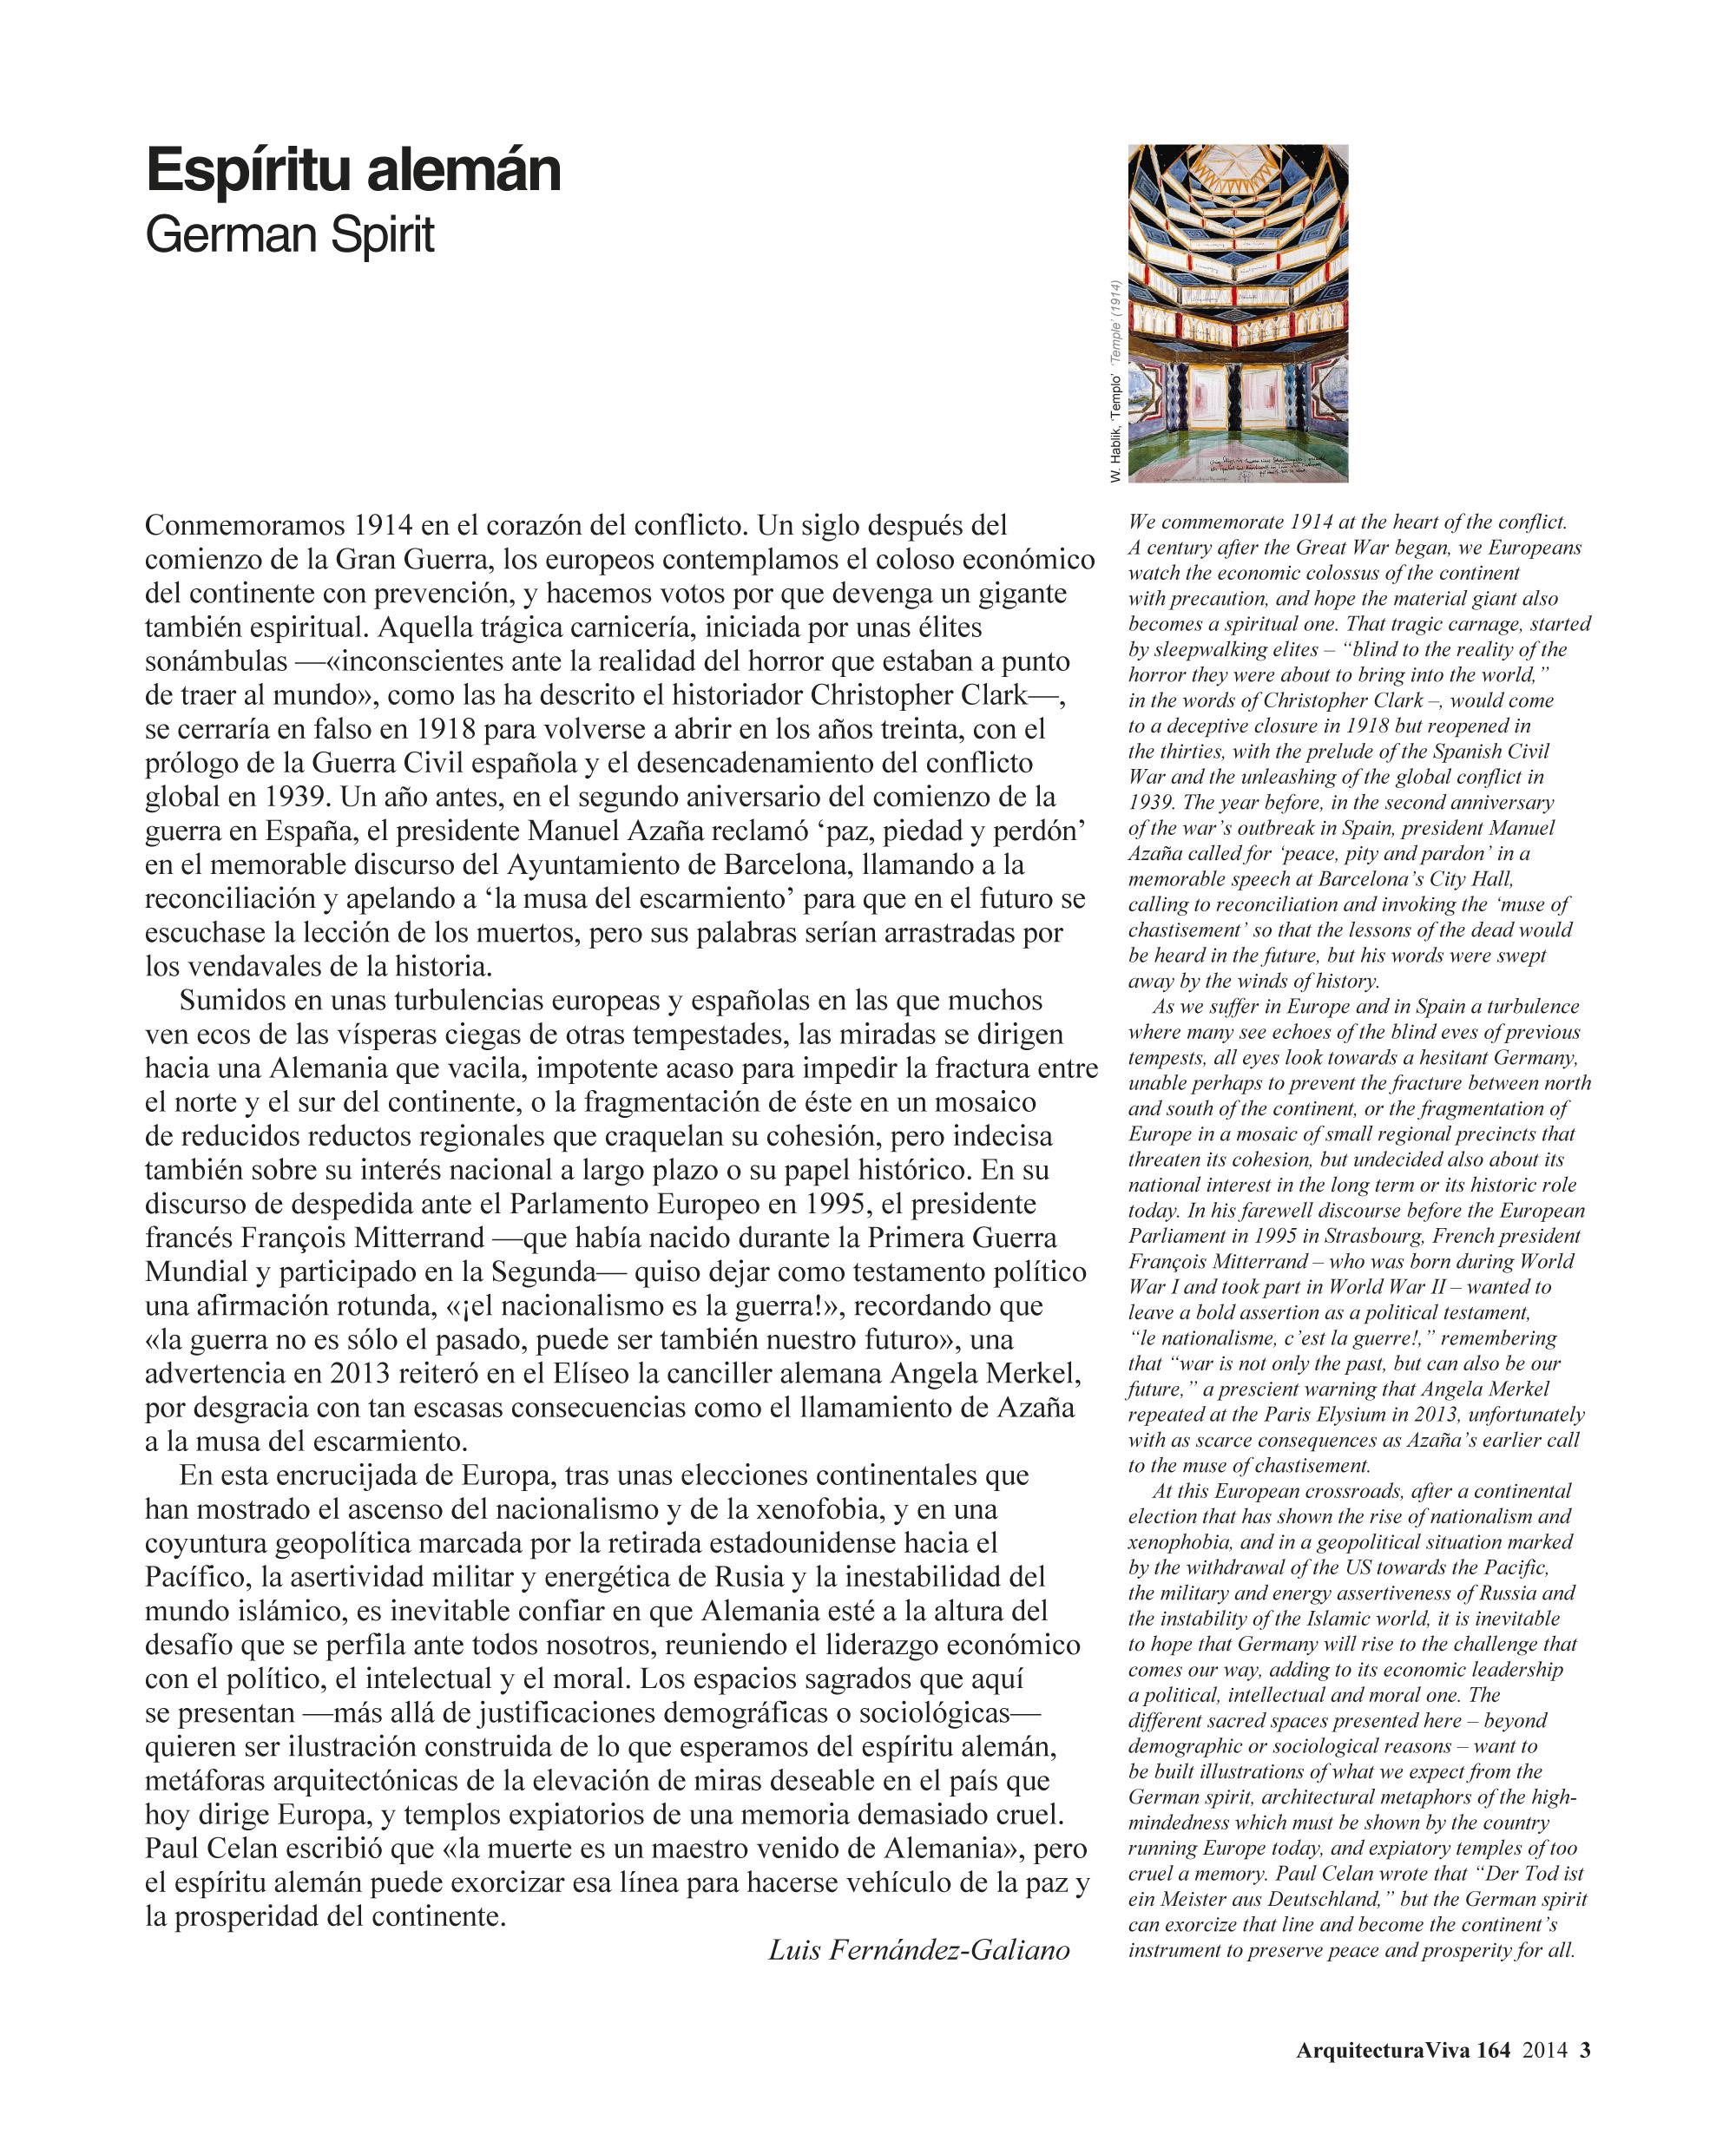 German Spirit